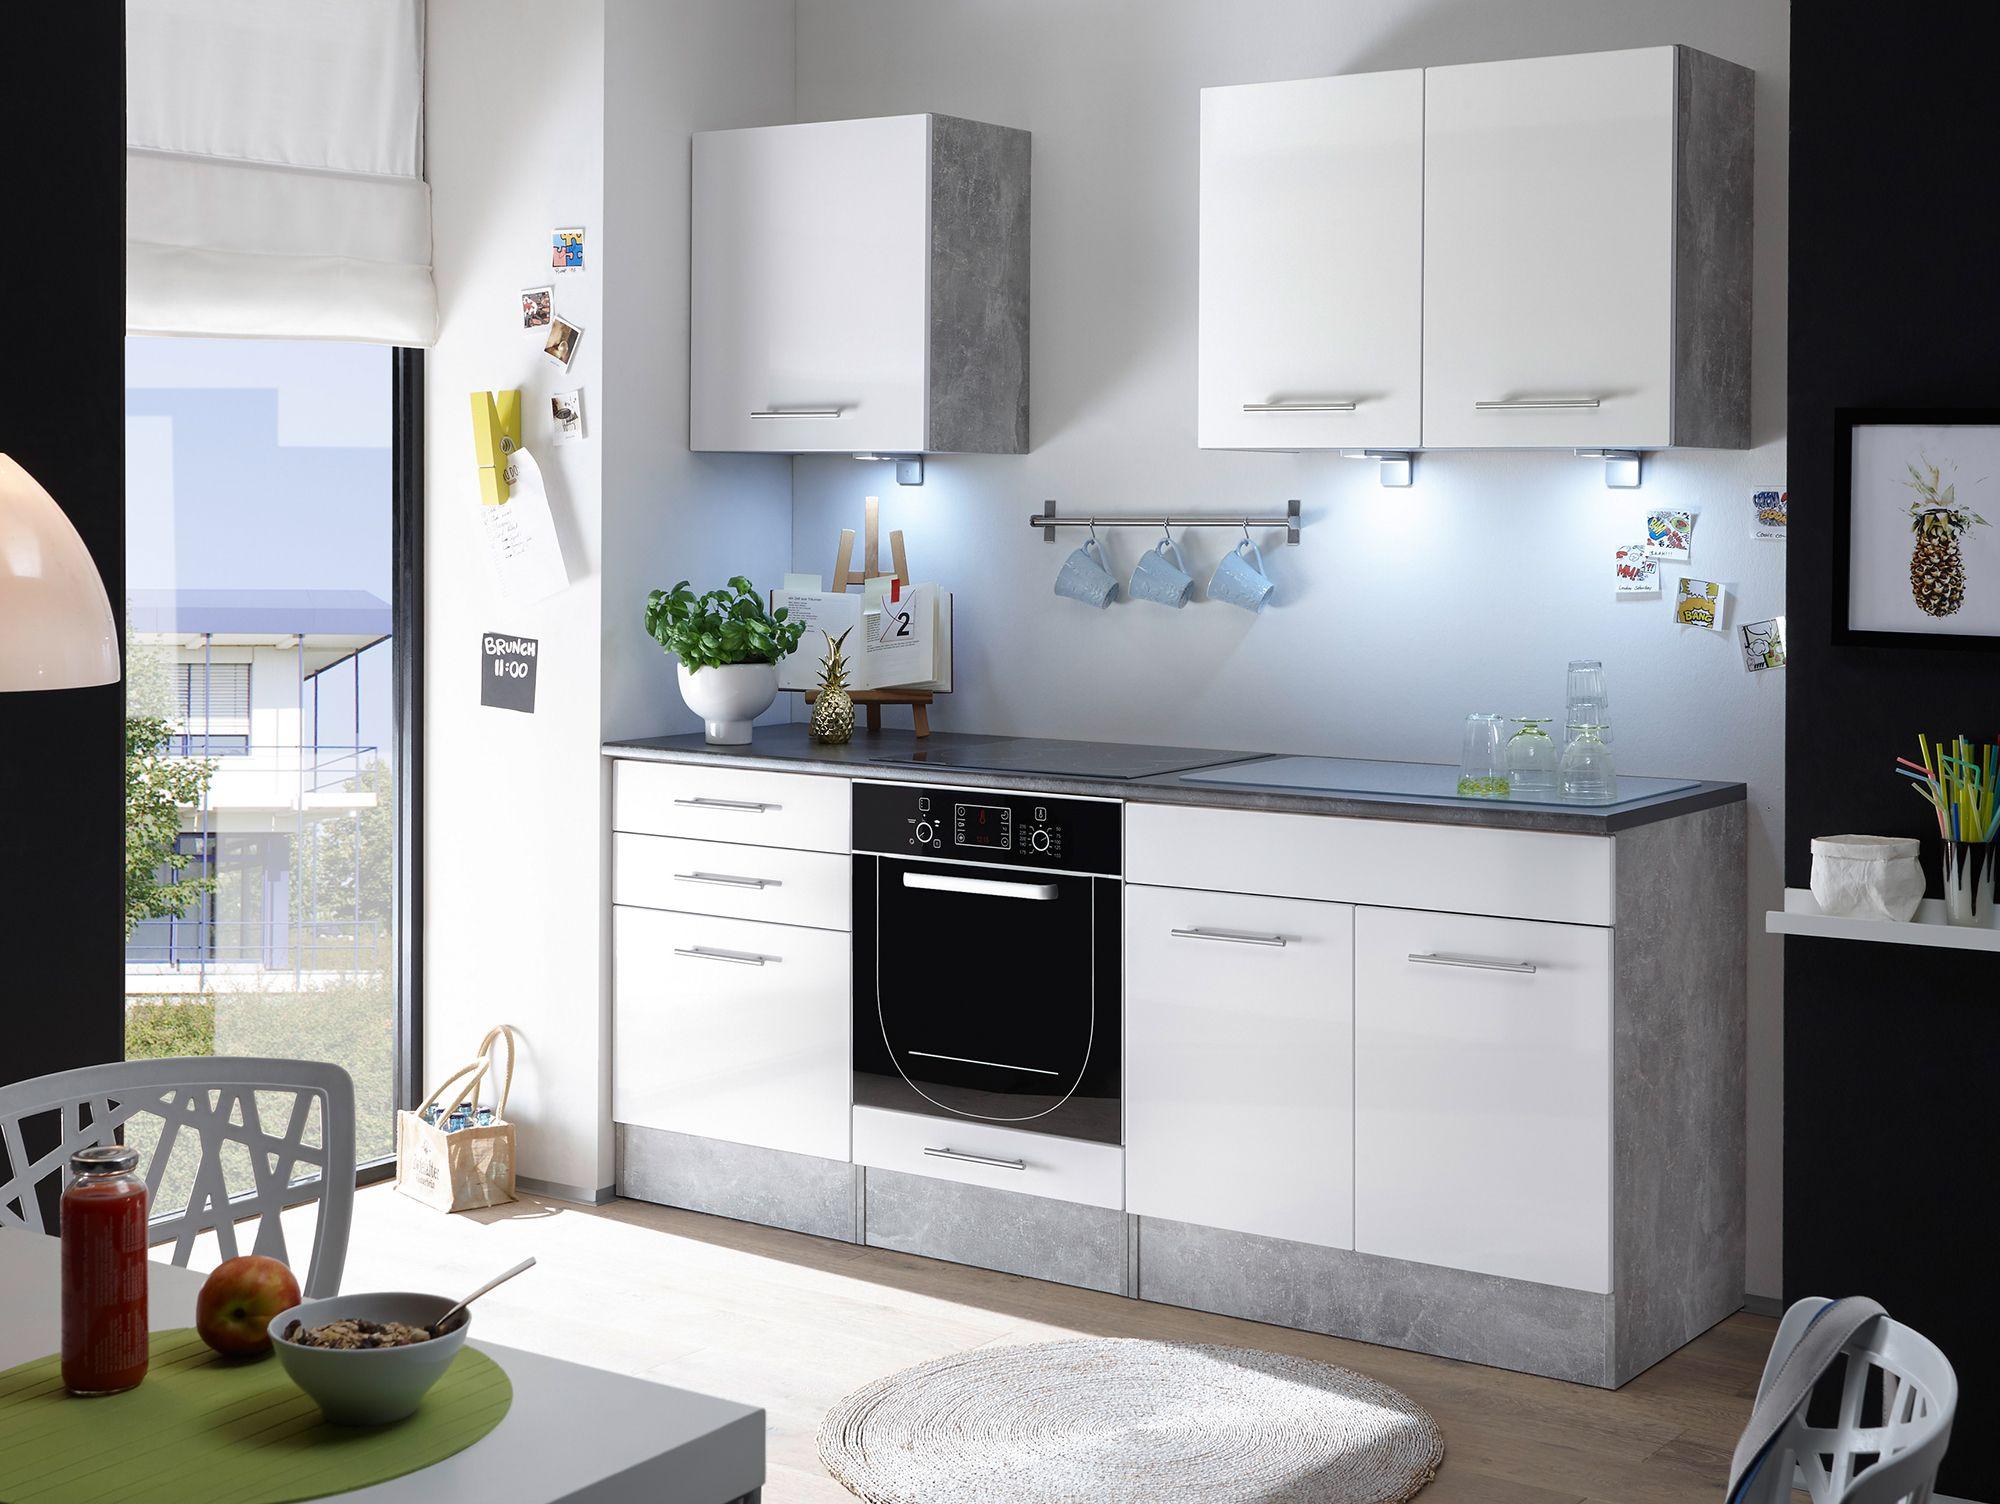 Salito Mini Küche Dekor Beton Weiß Kleine Küche Ideal Ausgenutzt Kücheneinrichtung Küchenmöbel Einbauküche Küchen Möbel Moderne Küche